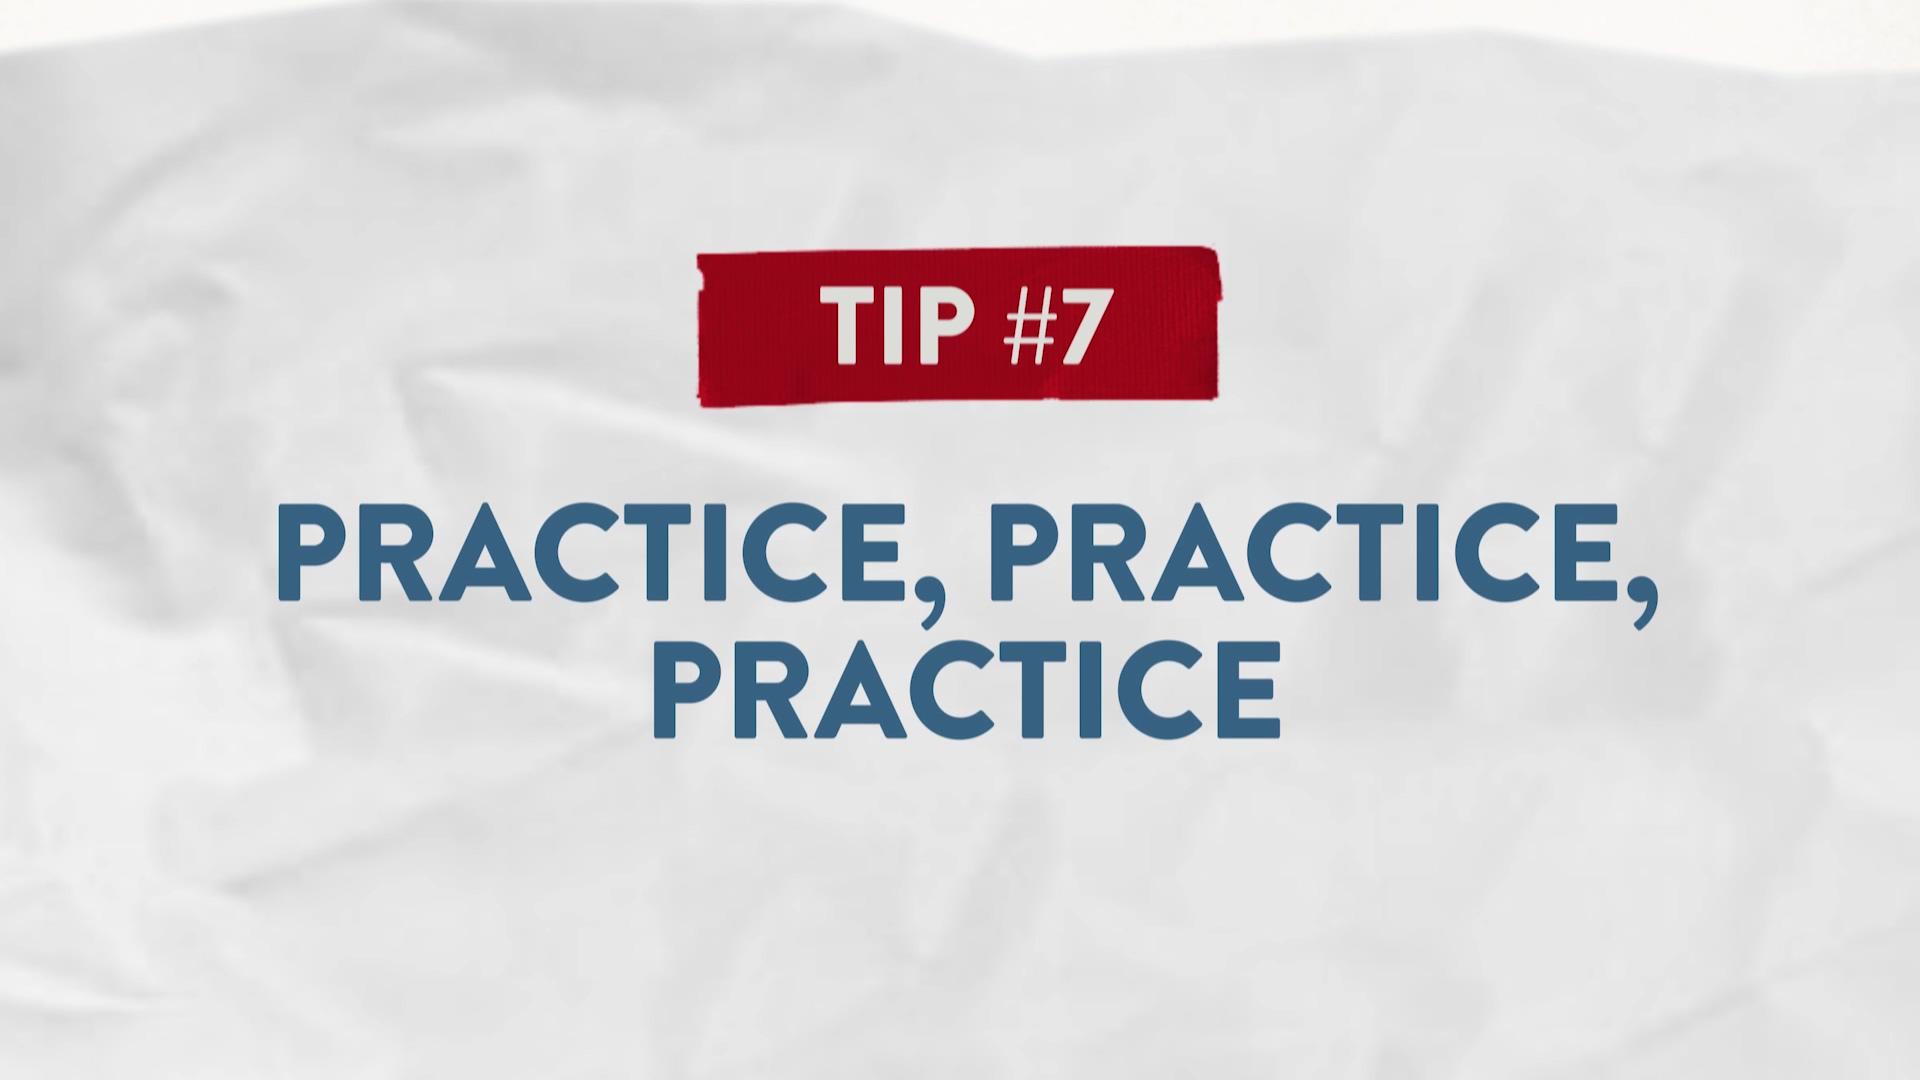 Tip #7 Practice, Practice, Practice